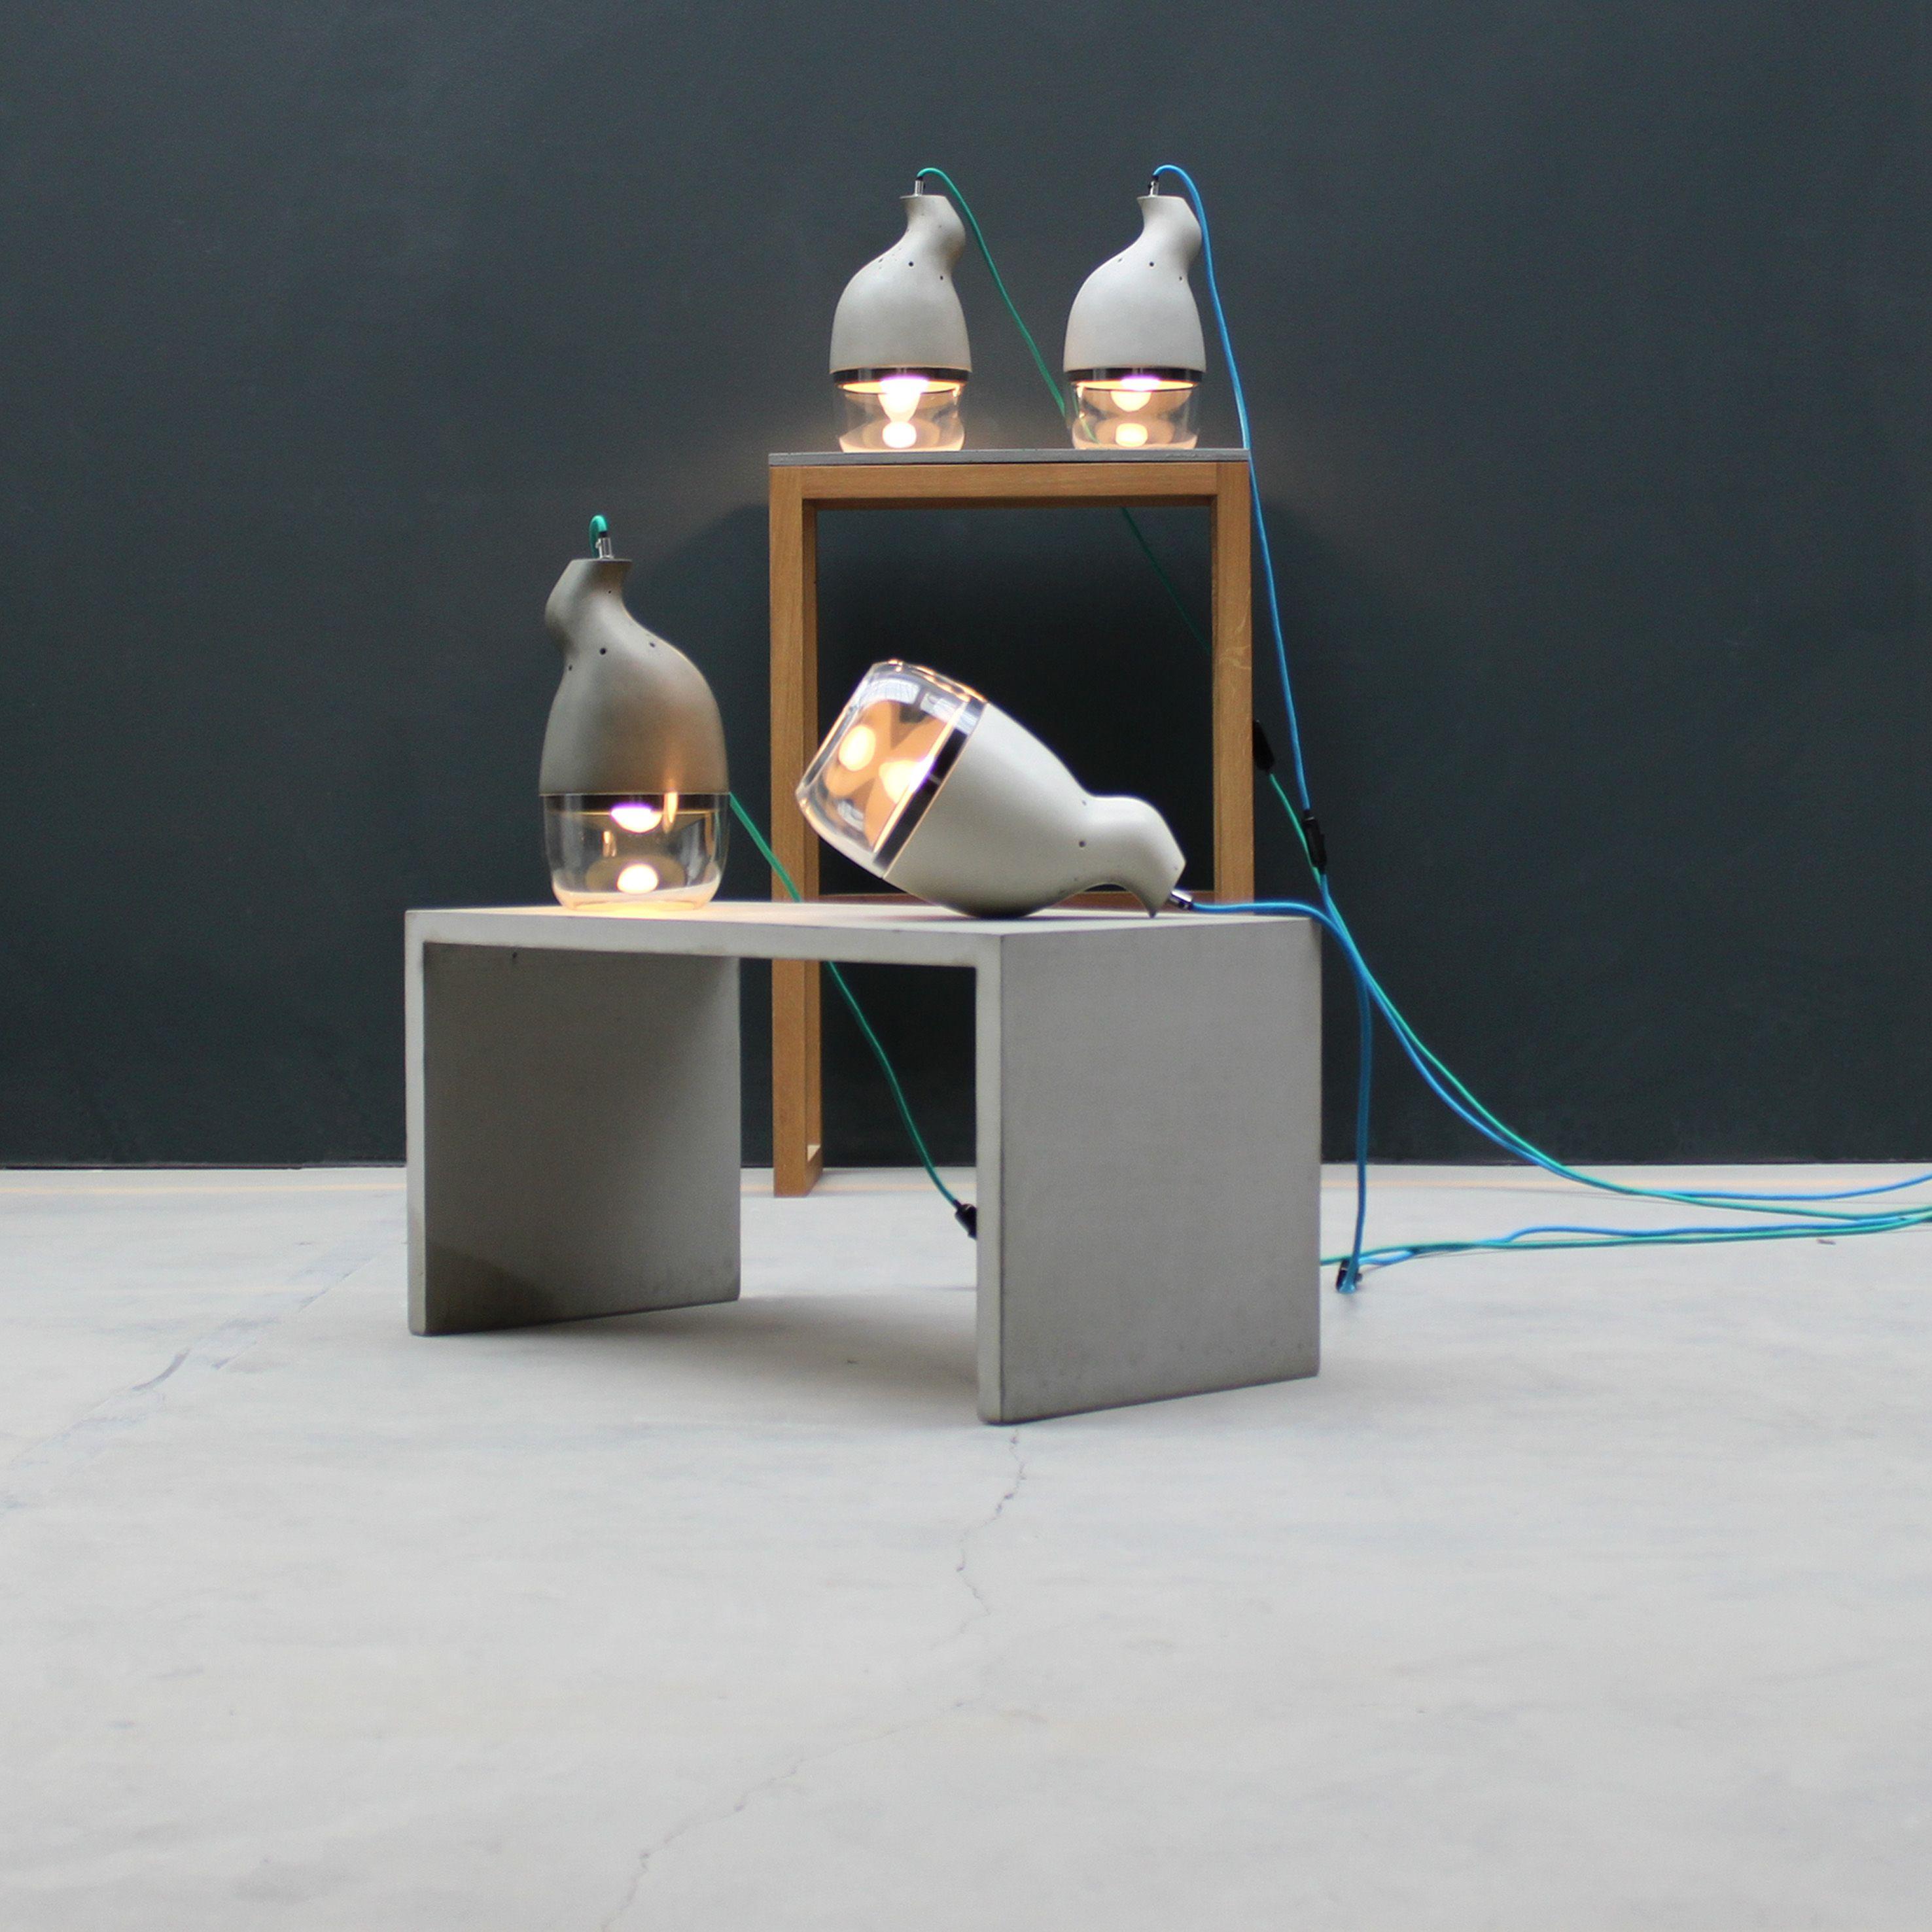 Stunning Lampe Beton Glas Licht Light Lamp Verr ckt Asymmetrisch